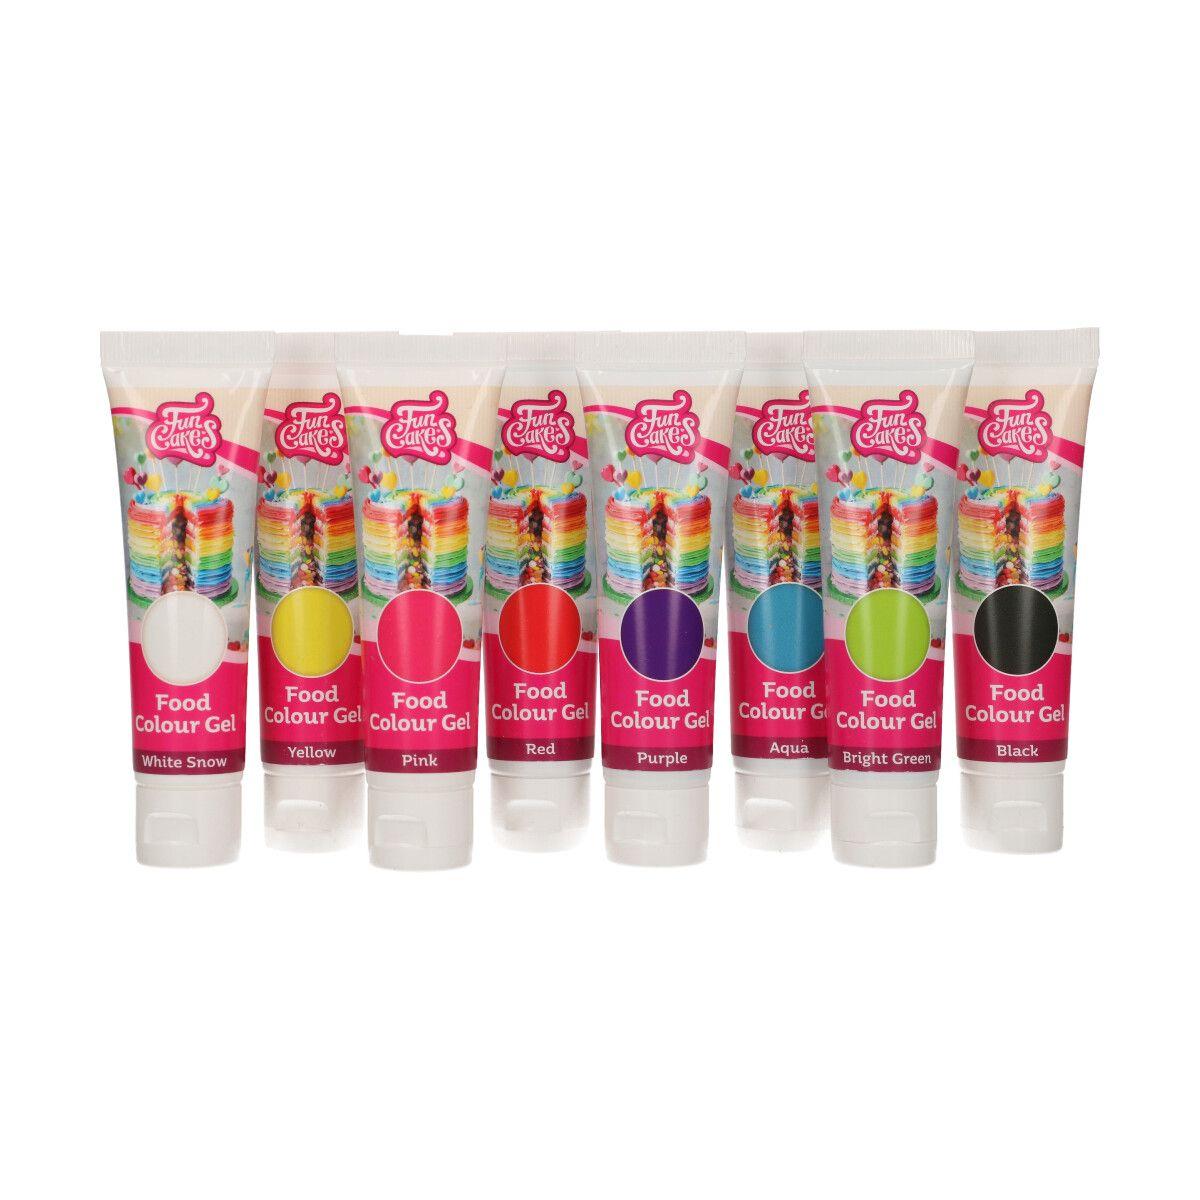 Imagen de producto: https://tienda.postreadiccion.com/img/articulos/secundarias14113-set-de-8-colorantes-en-gel-funcakes-1.jpg